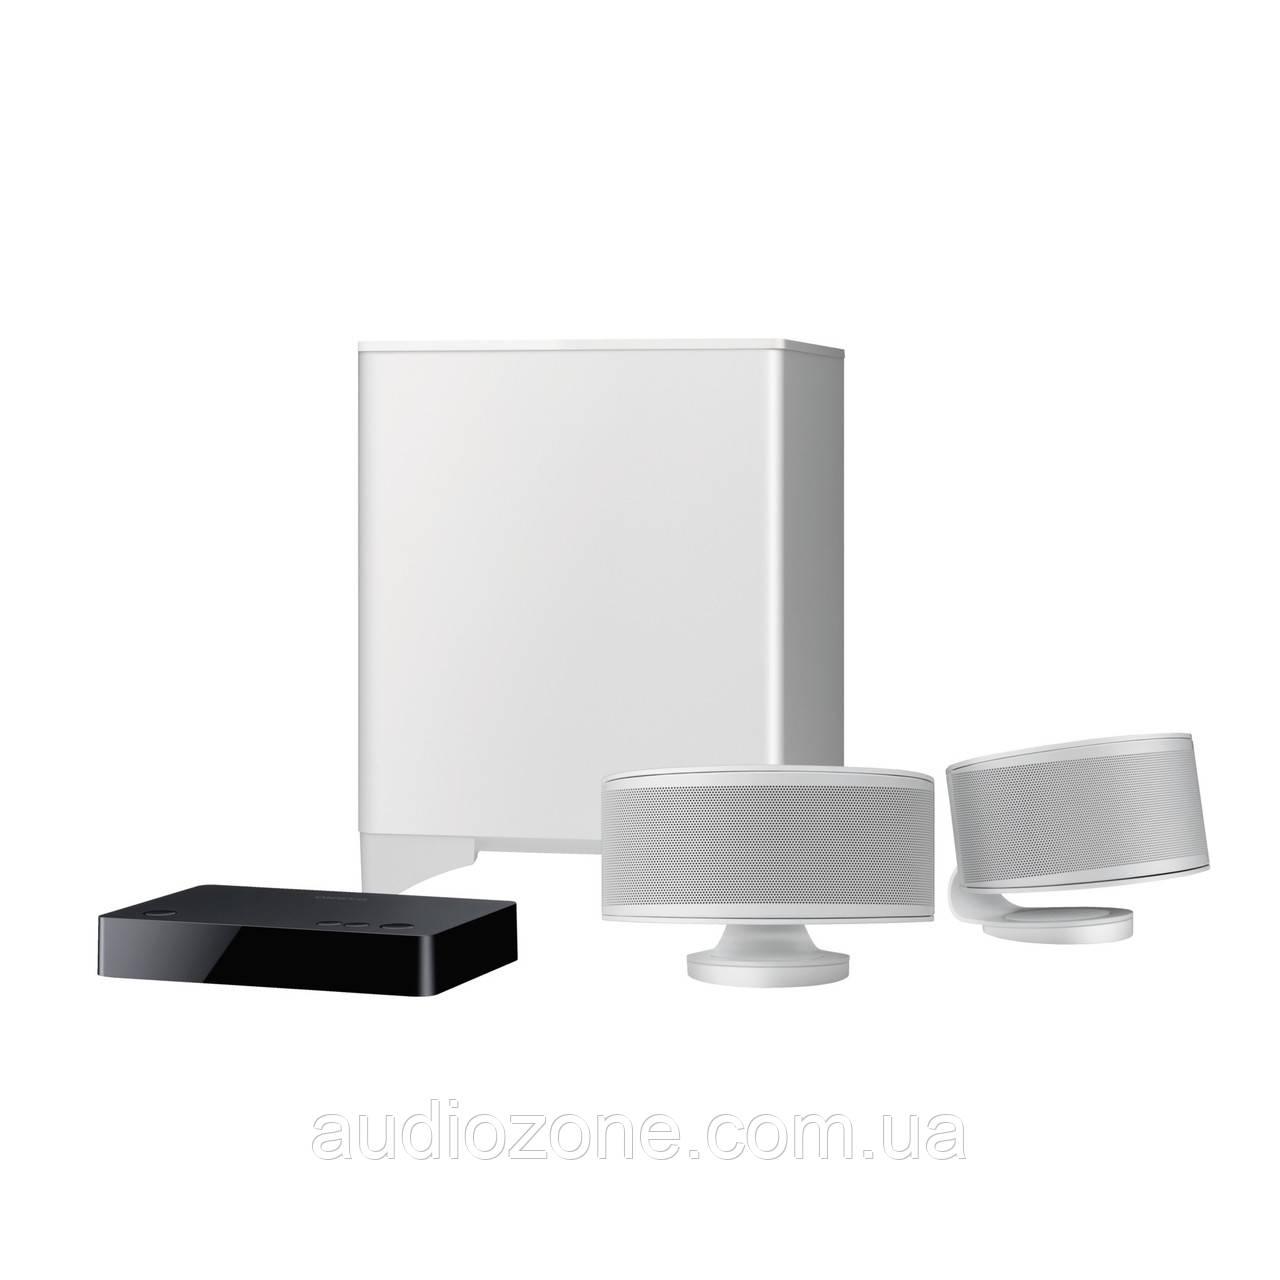 Акустическая система 2.1 с Bluetooth Onkyo  LS3200